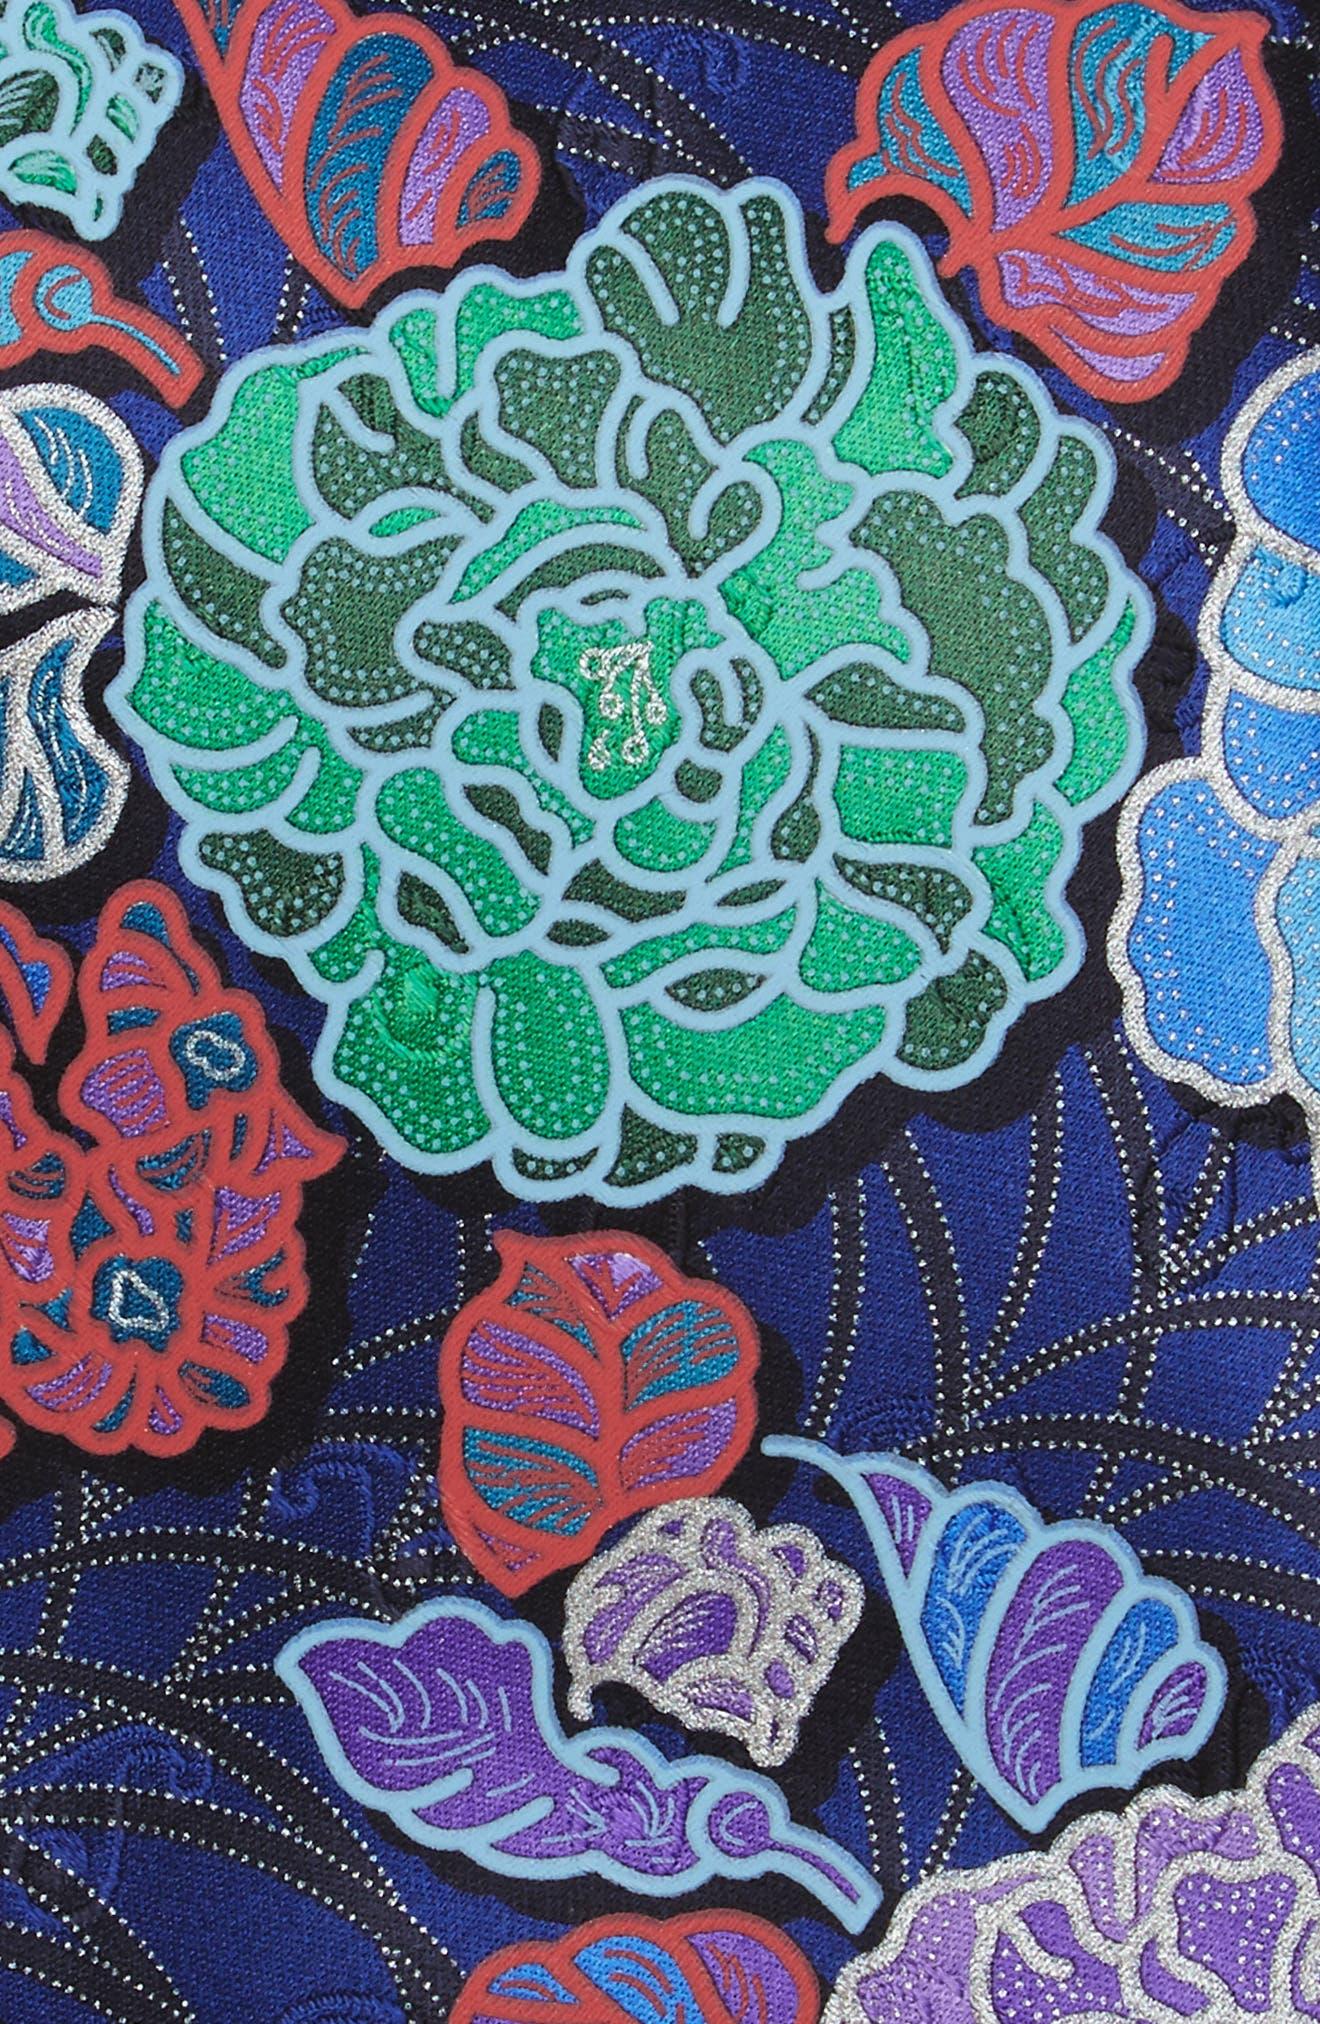 Quindici Floral Silk Tie,                             Alternate thumbnail 5, color,